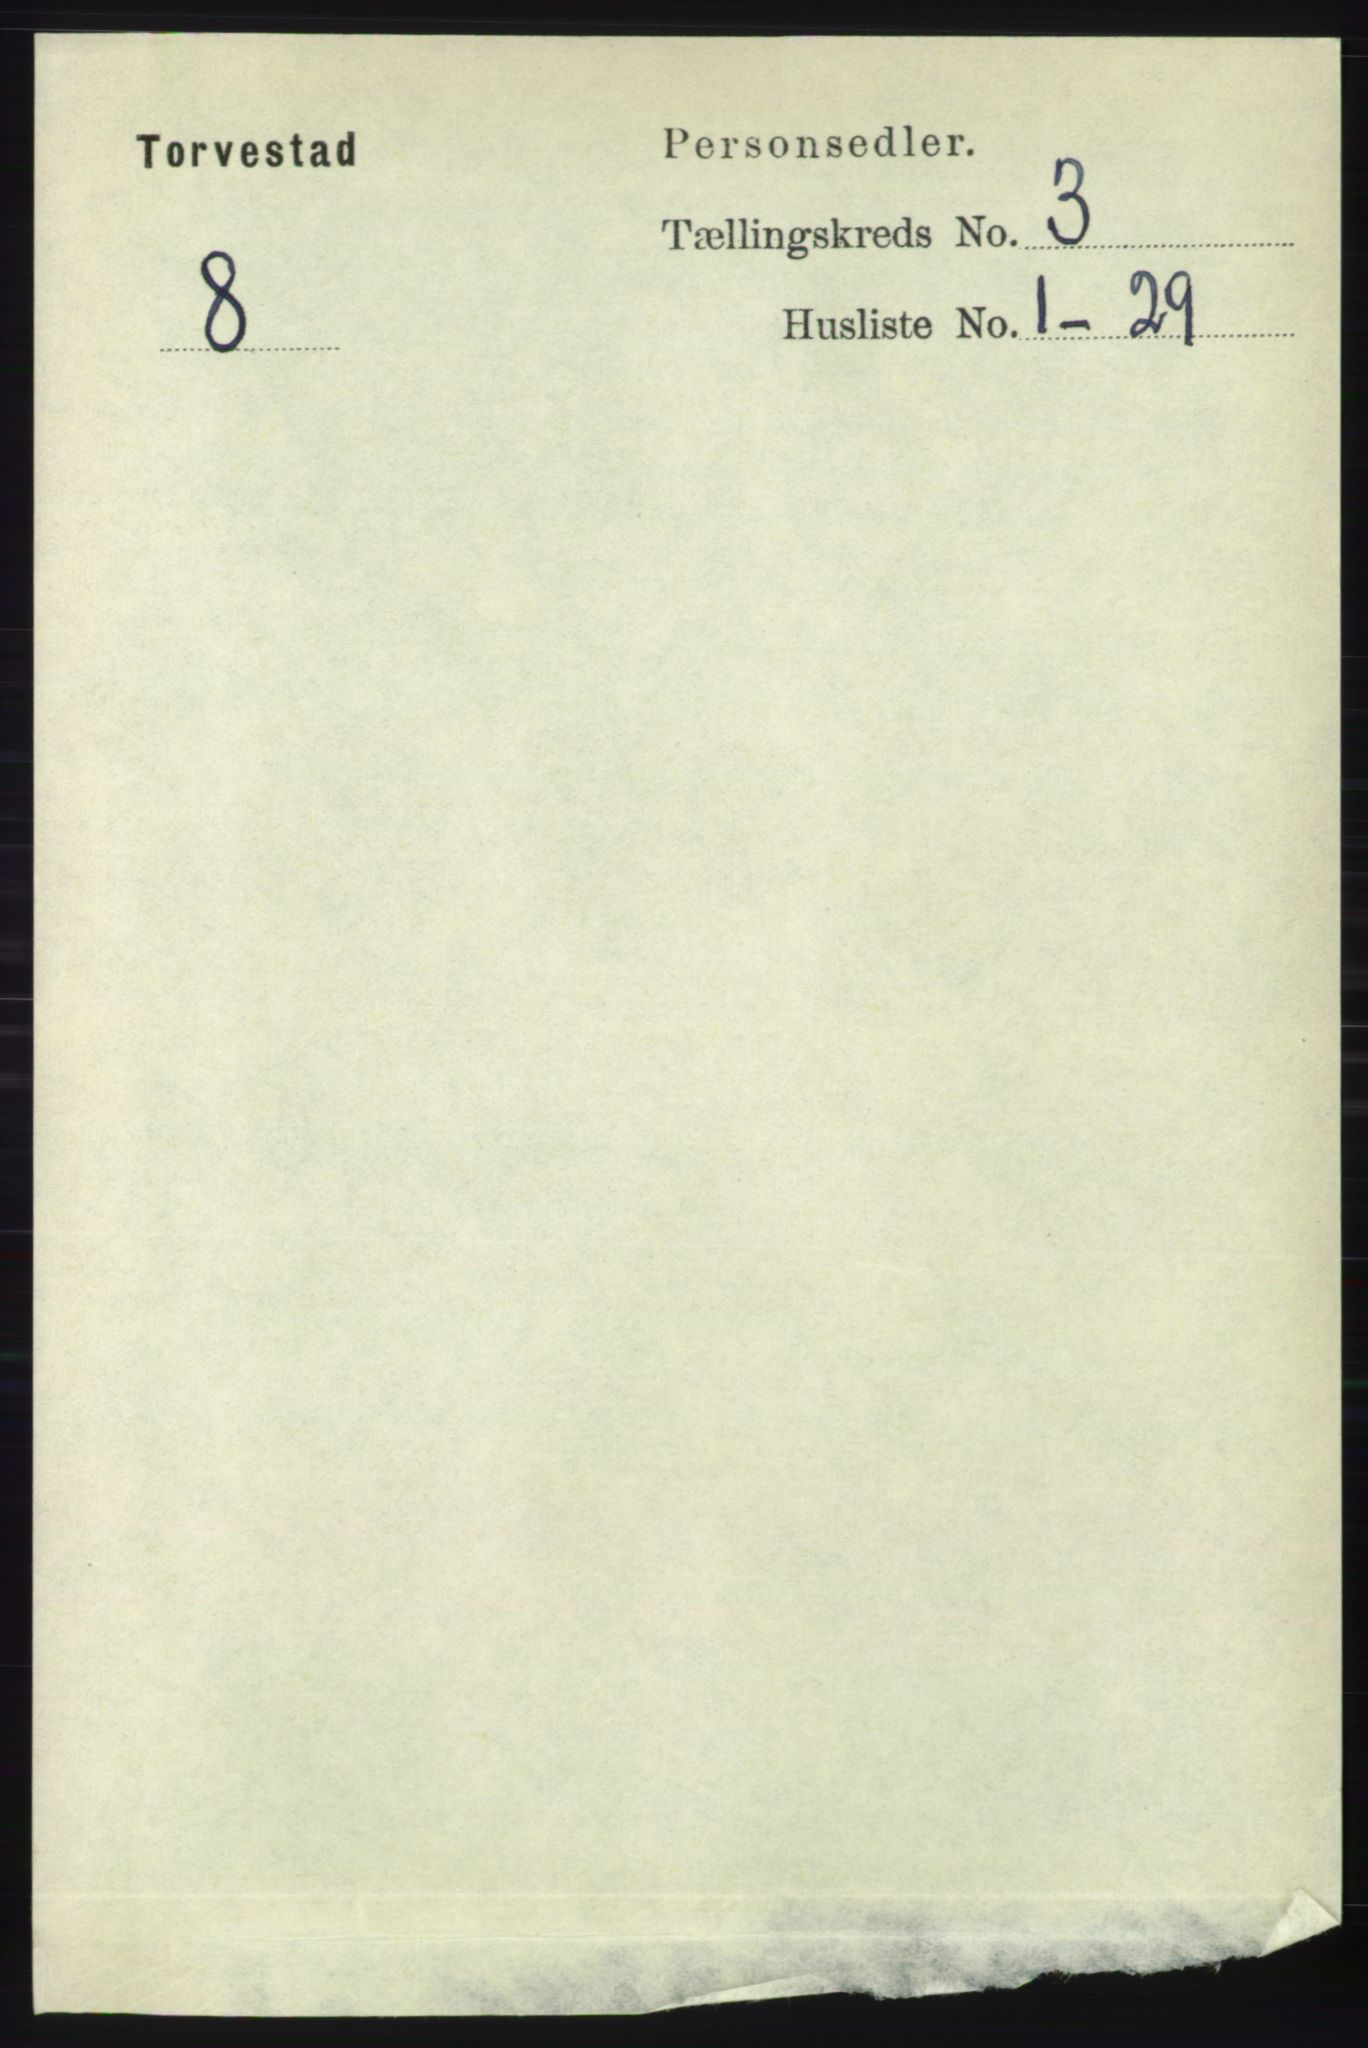 RA, Folketelling 1891 for 1152 Torvastad herred, 1891, s. 950